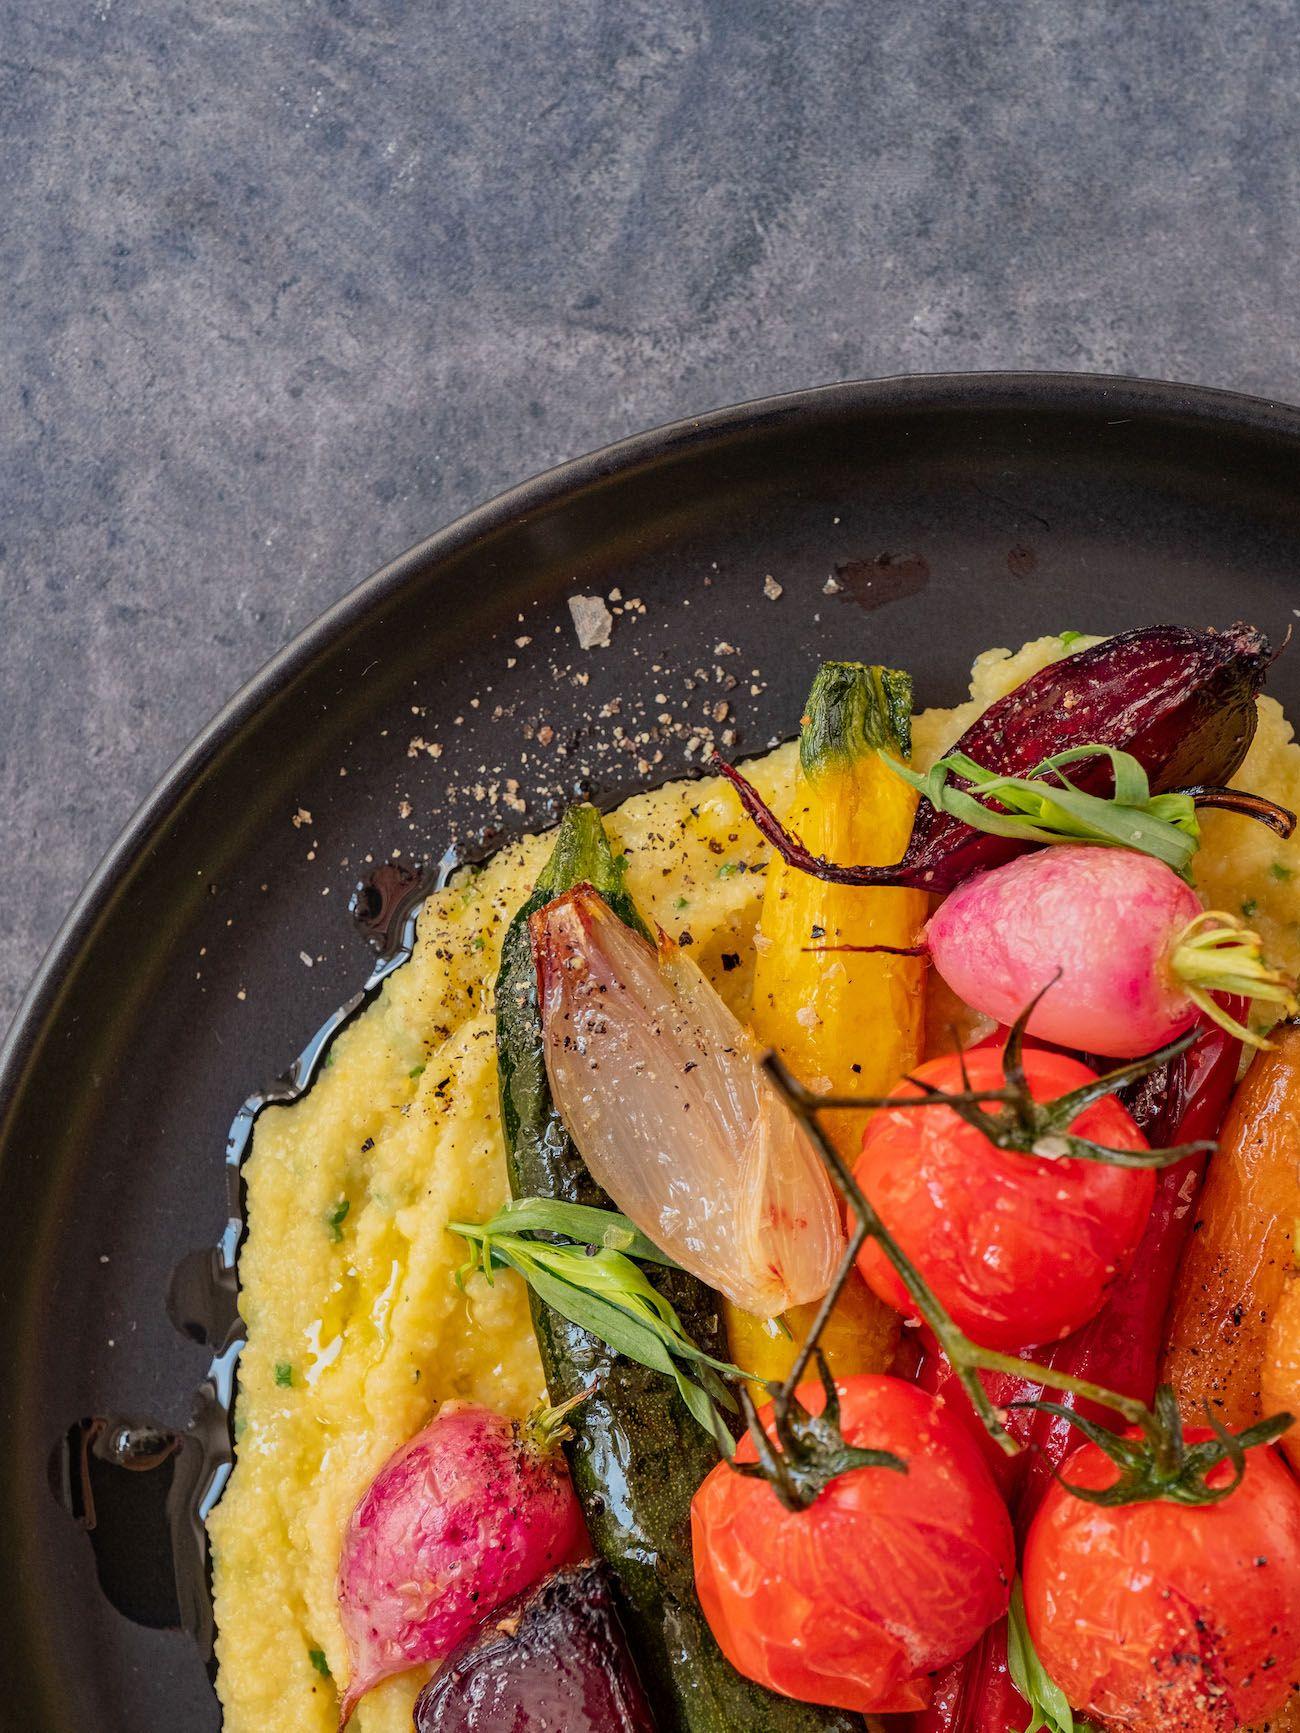 Rezept, Foodblo, About Fuel, Cremige Polenta mit Sommergemüse, Zucchini, Radieschen